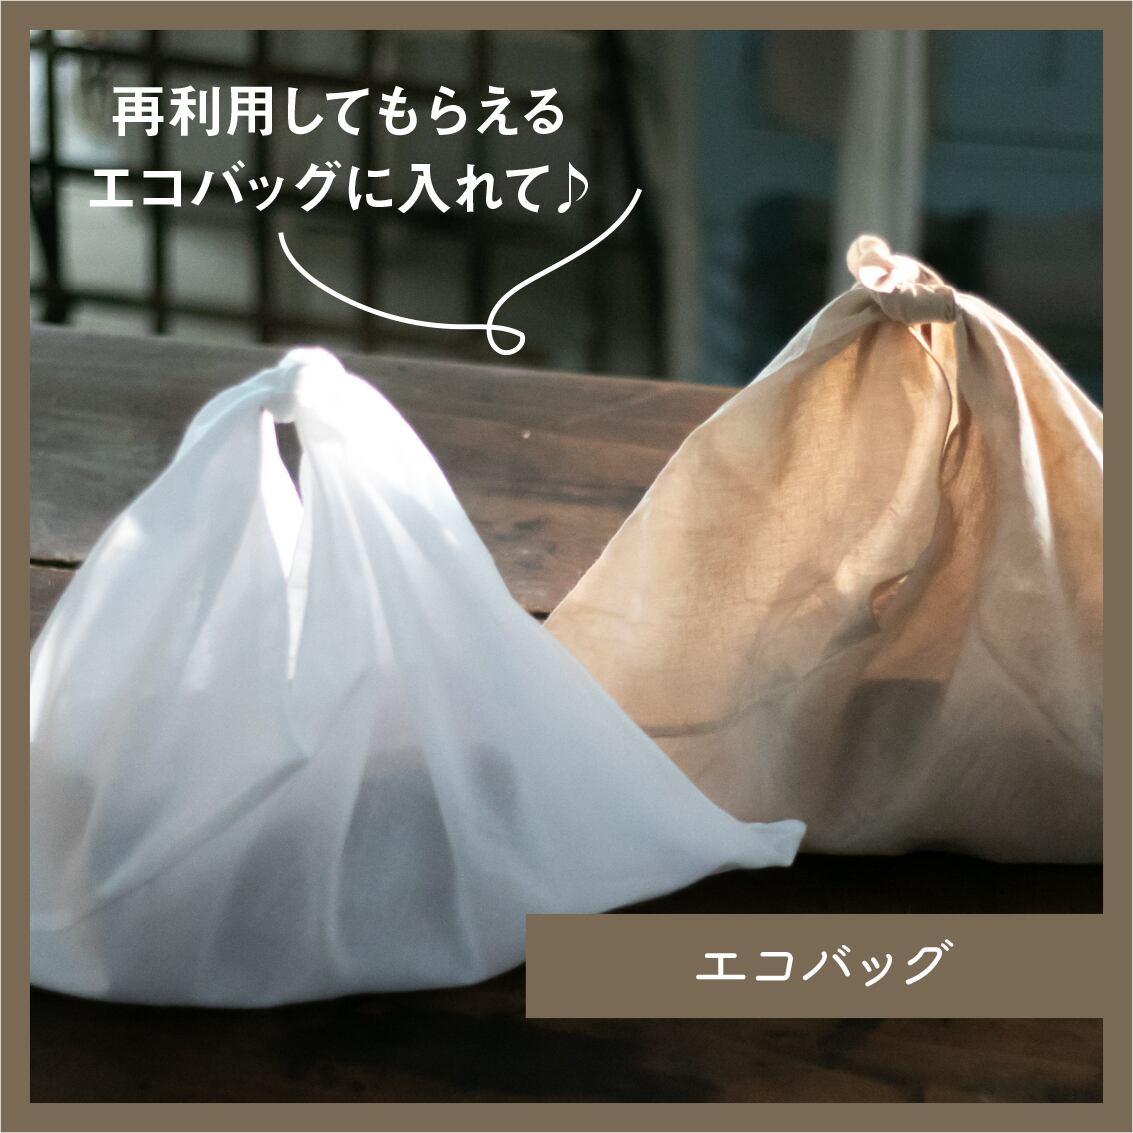 [追加購入用]エコバッグ(白)